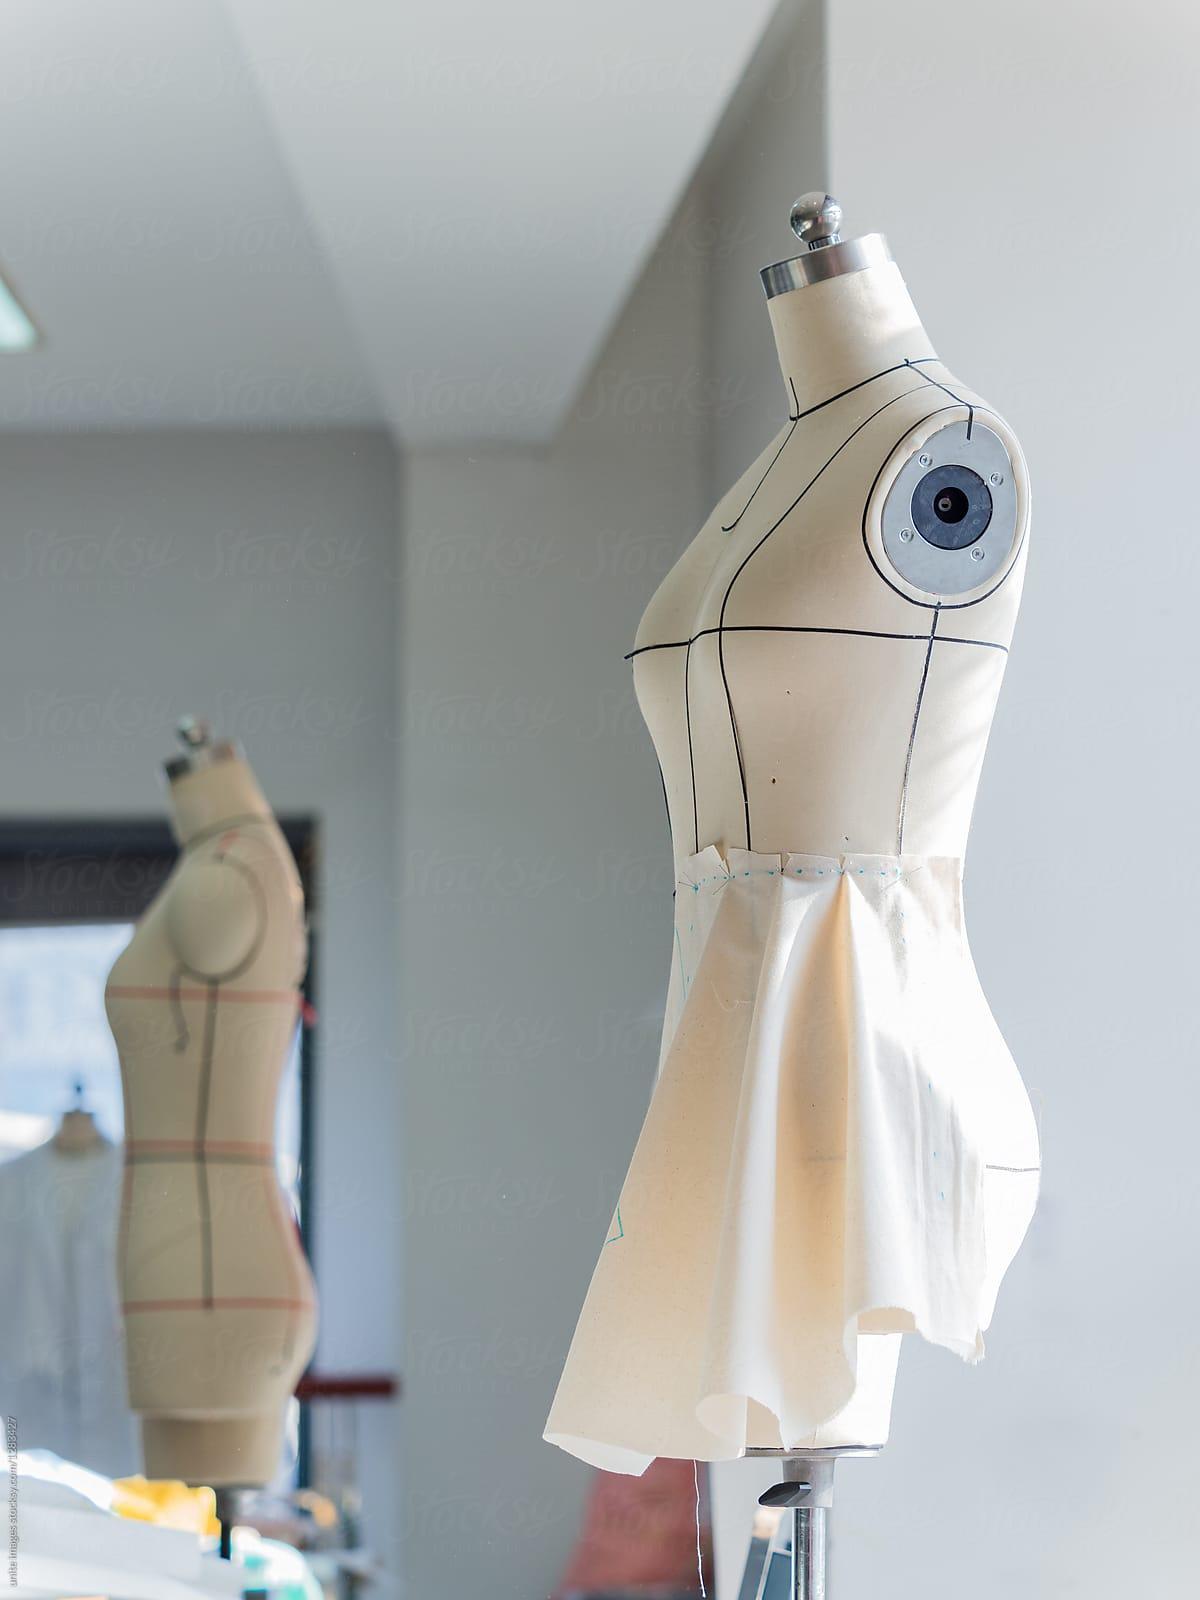 Dressmaker Unfinished Dress Craft On Mannequin In Studio Stocksy